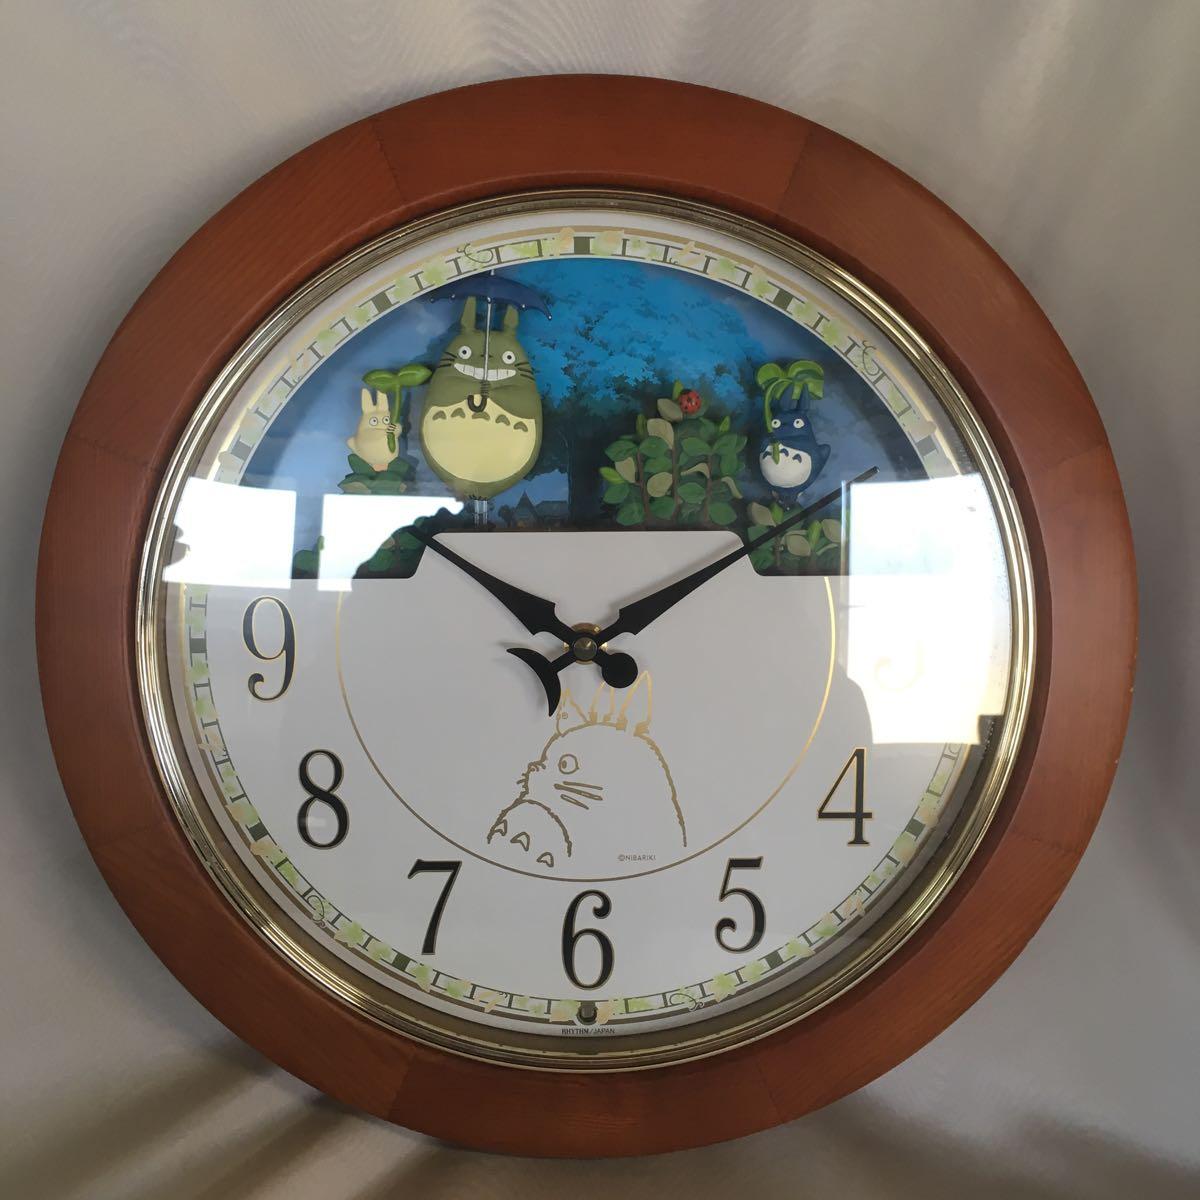 #375【希少】リズム時計/からくり時計 となりのトトロ 4MH-769-M ジャンク